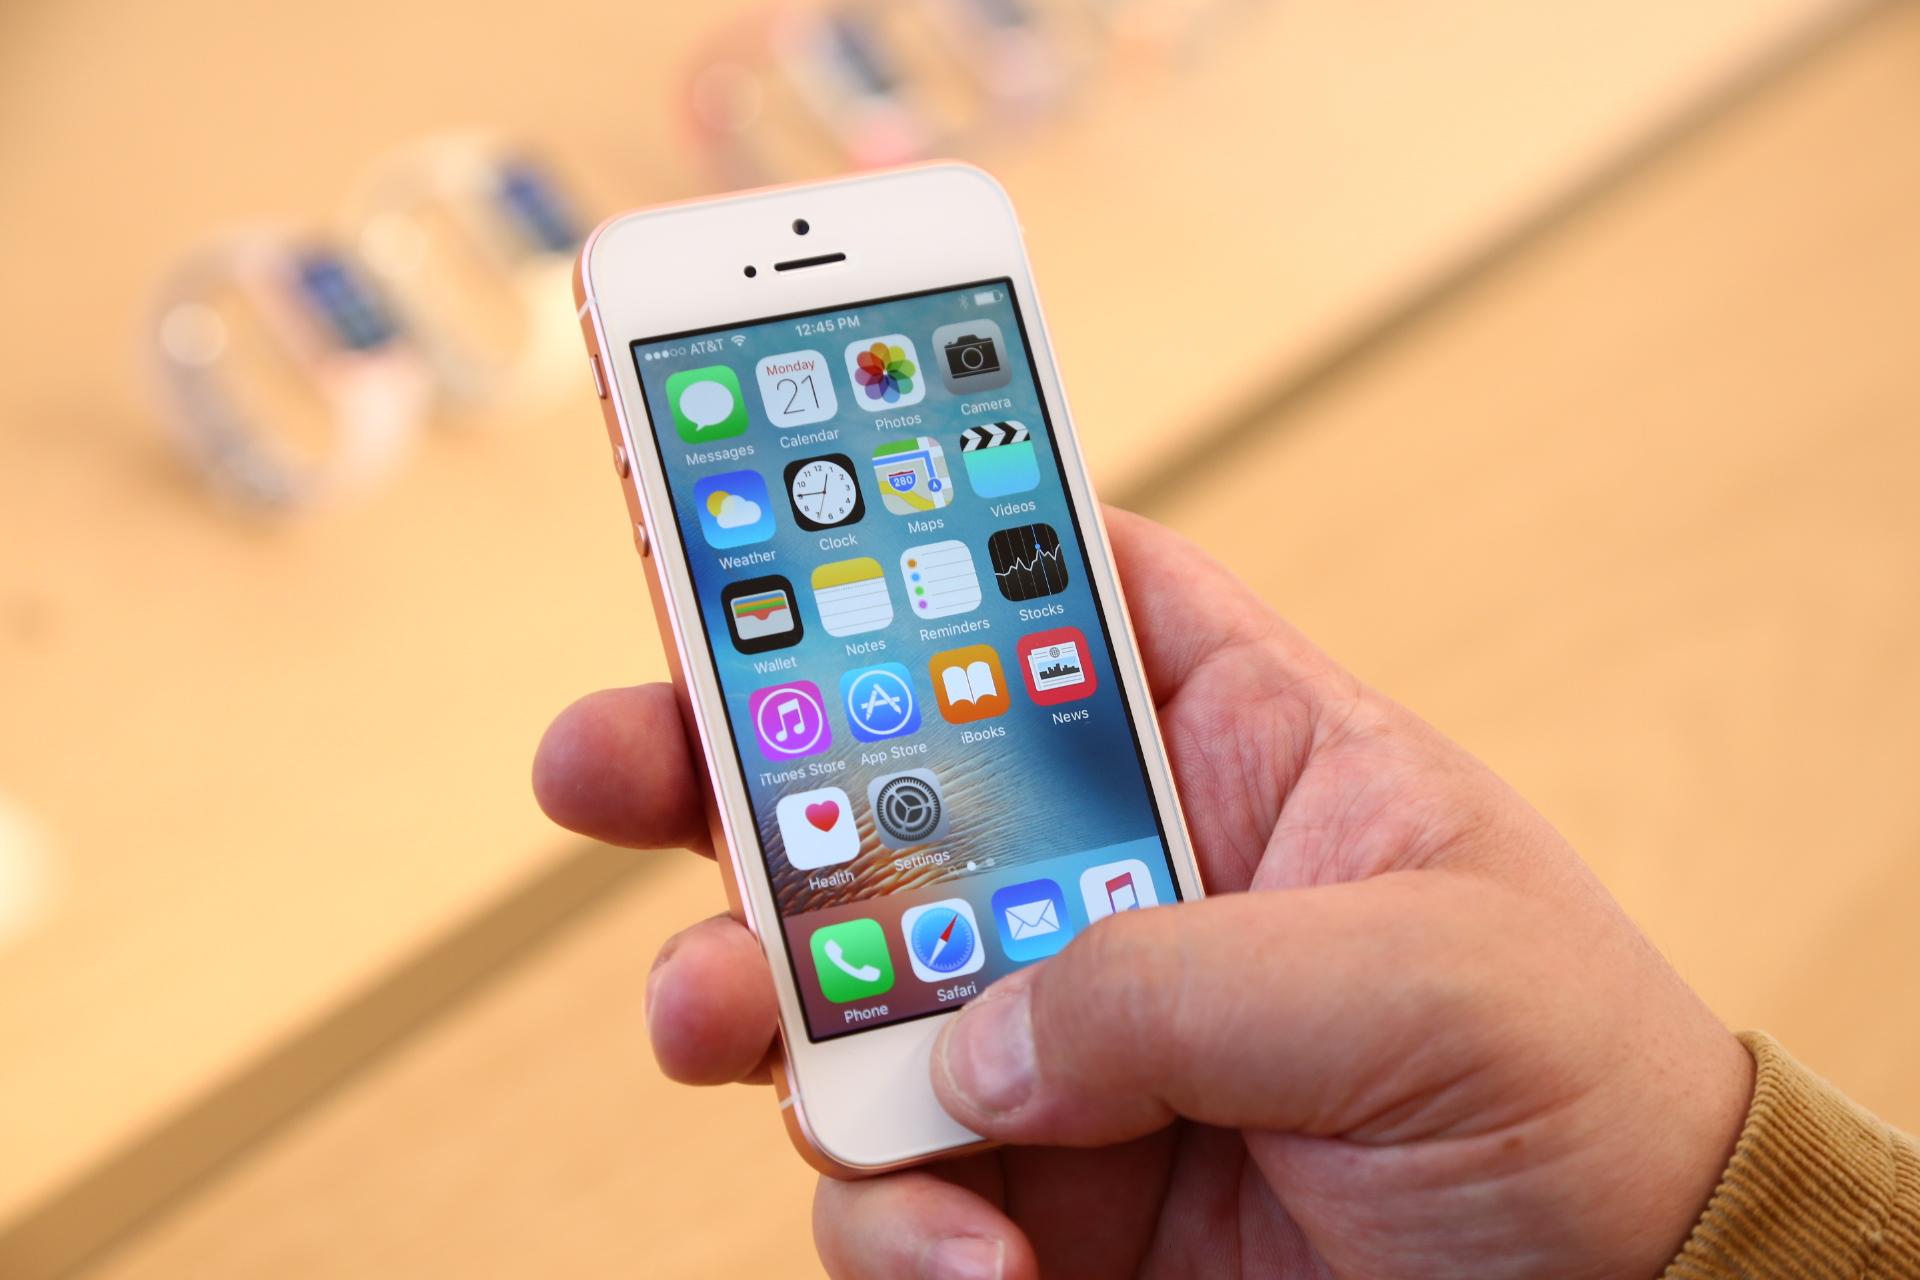 IPhone, sE 32 GB na Nyn doprava zcela zdarma Iphone, se, akce i phone za neskutenou cenu Apple iPhone, sE Najdete vhodn